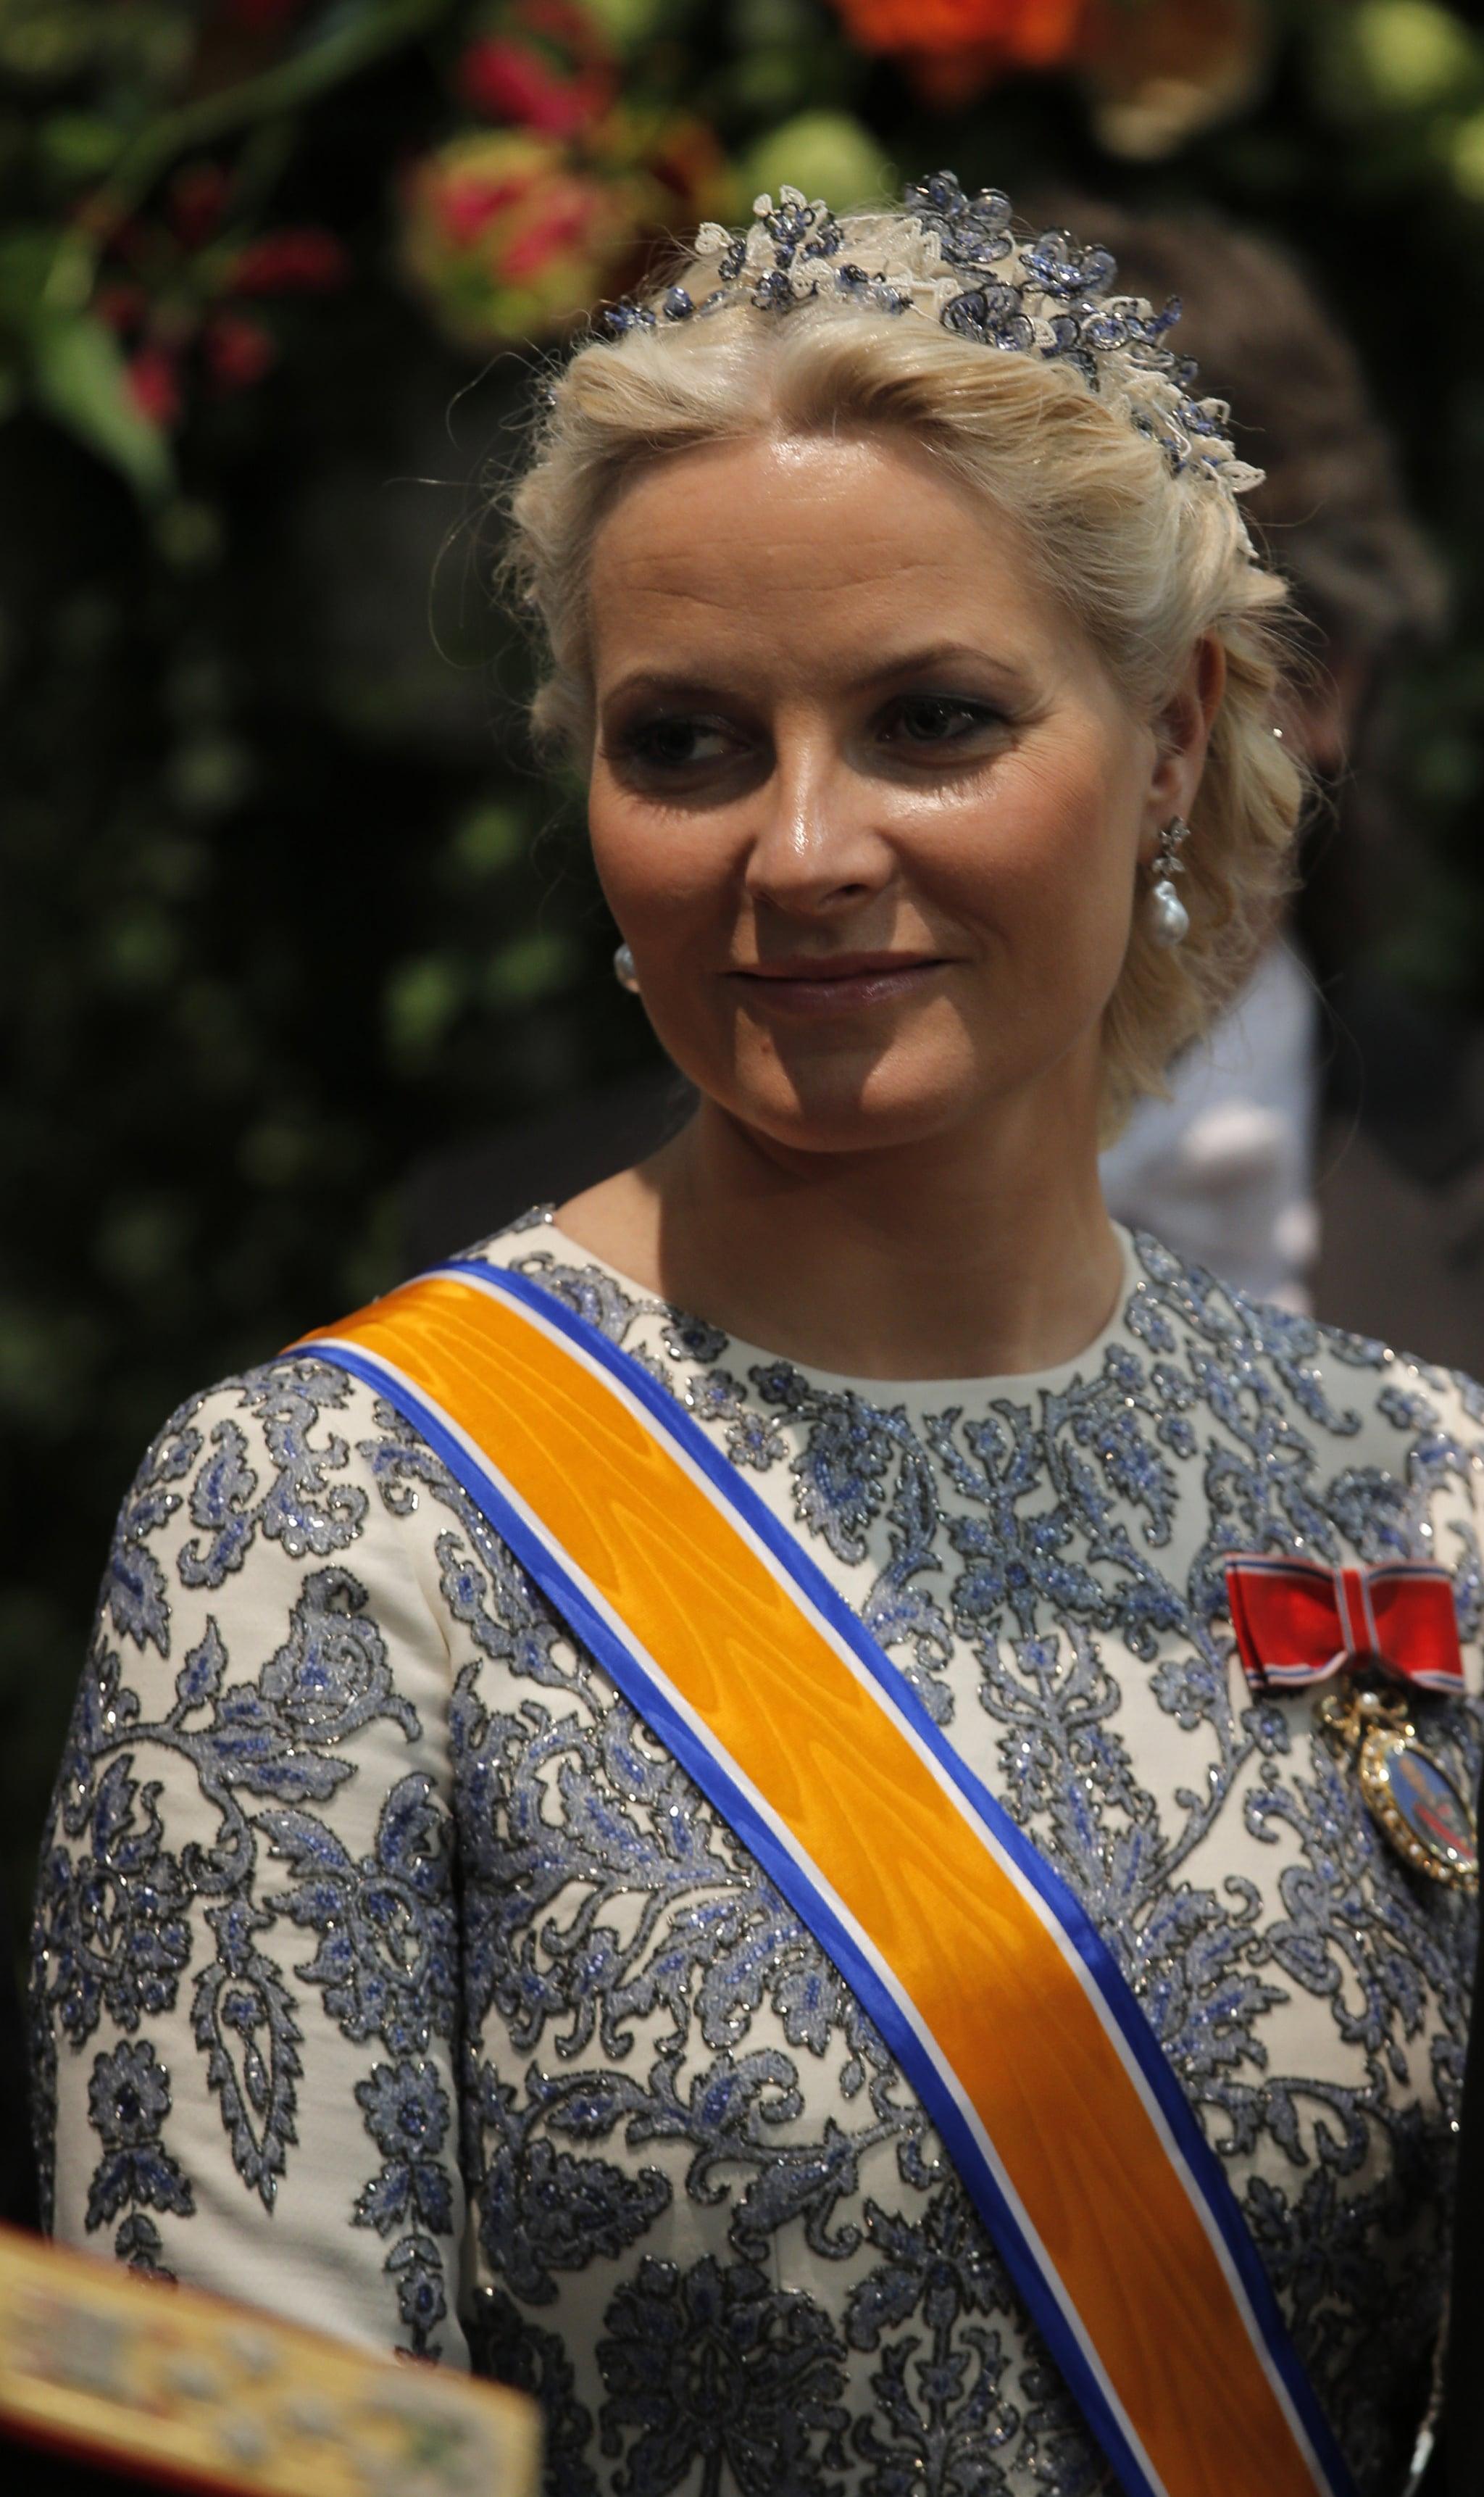 Crown-Princess-Mette-Marit-Norway-looking-regal.jpg